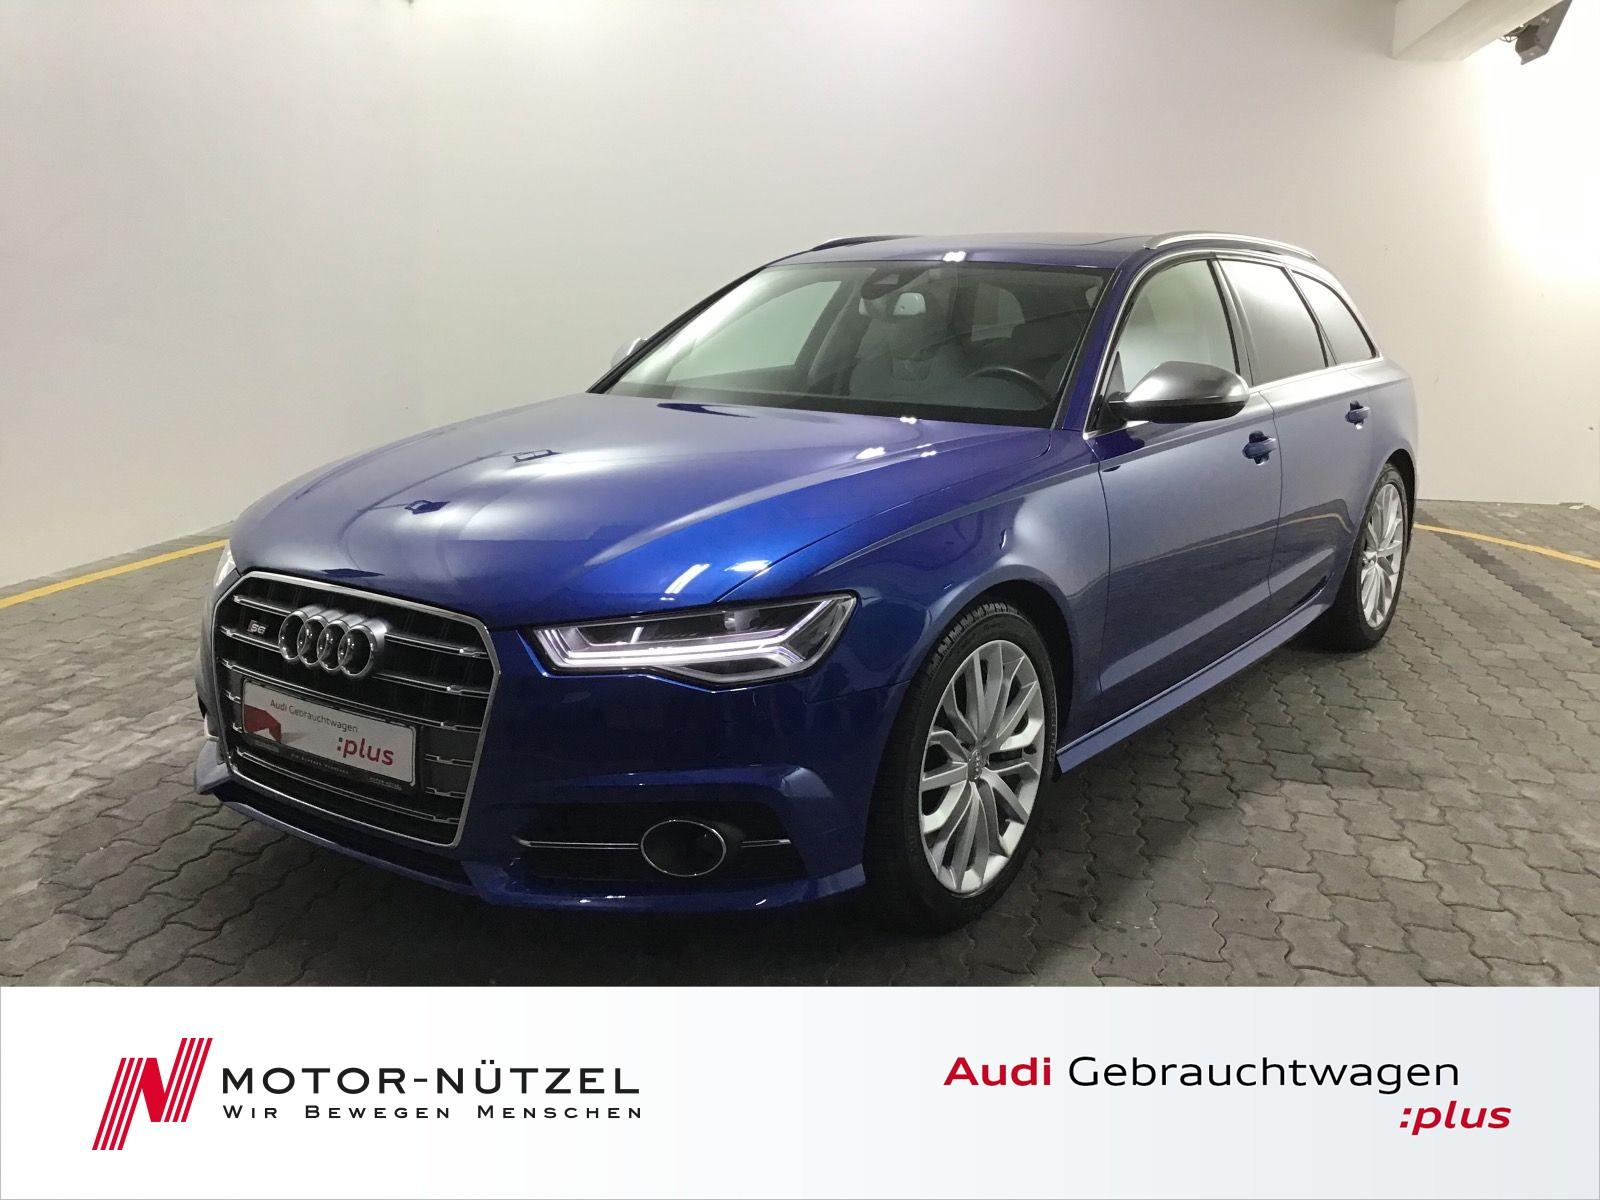 Audi S6 Avant TFSI quattro +Matrix-LED+BOSE+PANO, Jahr 2017, Benzin